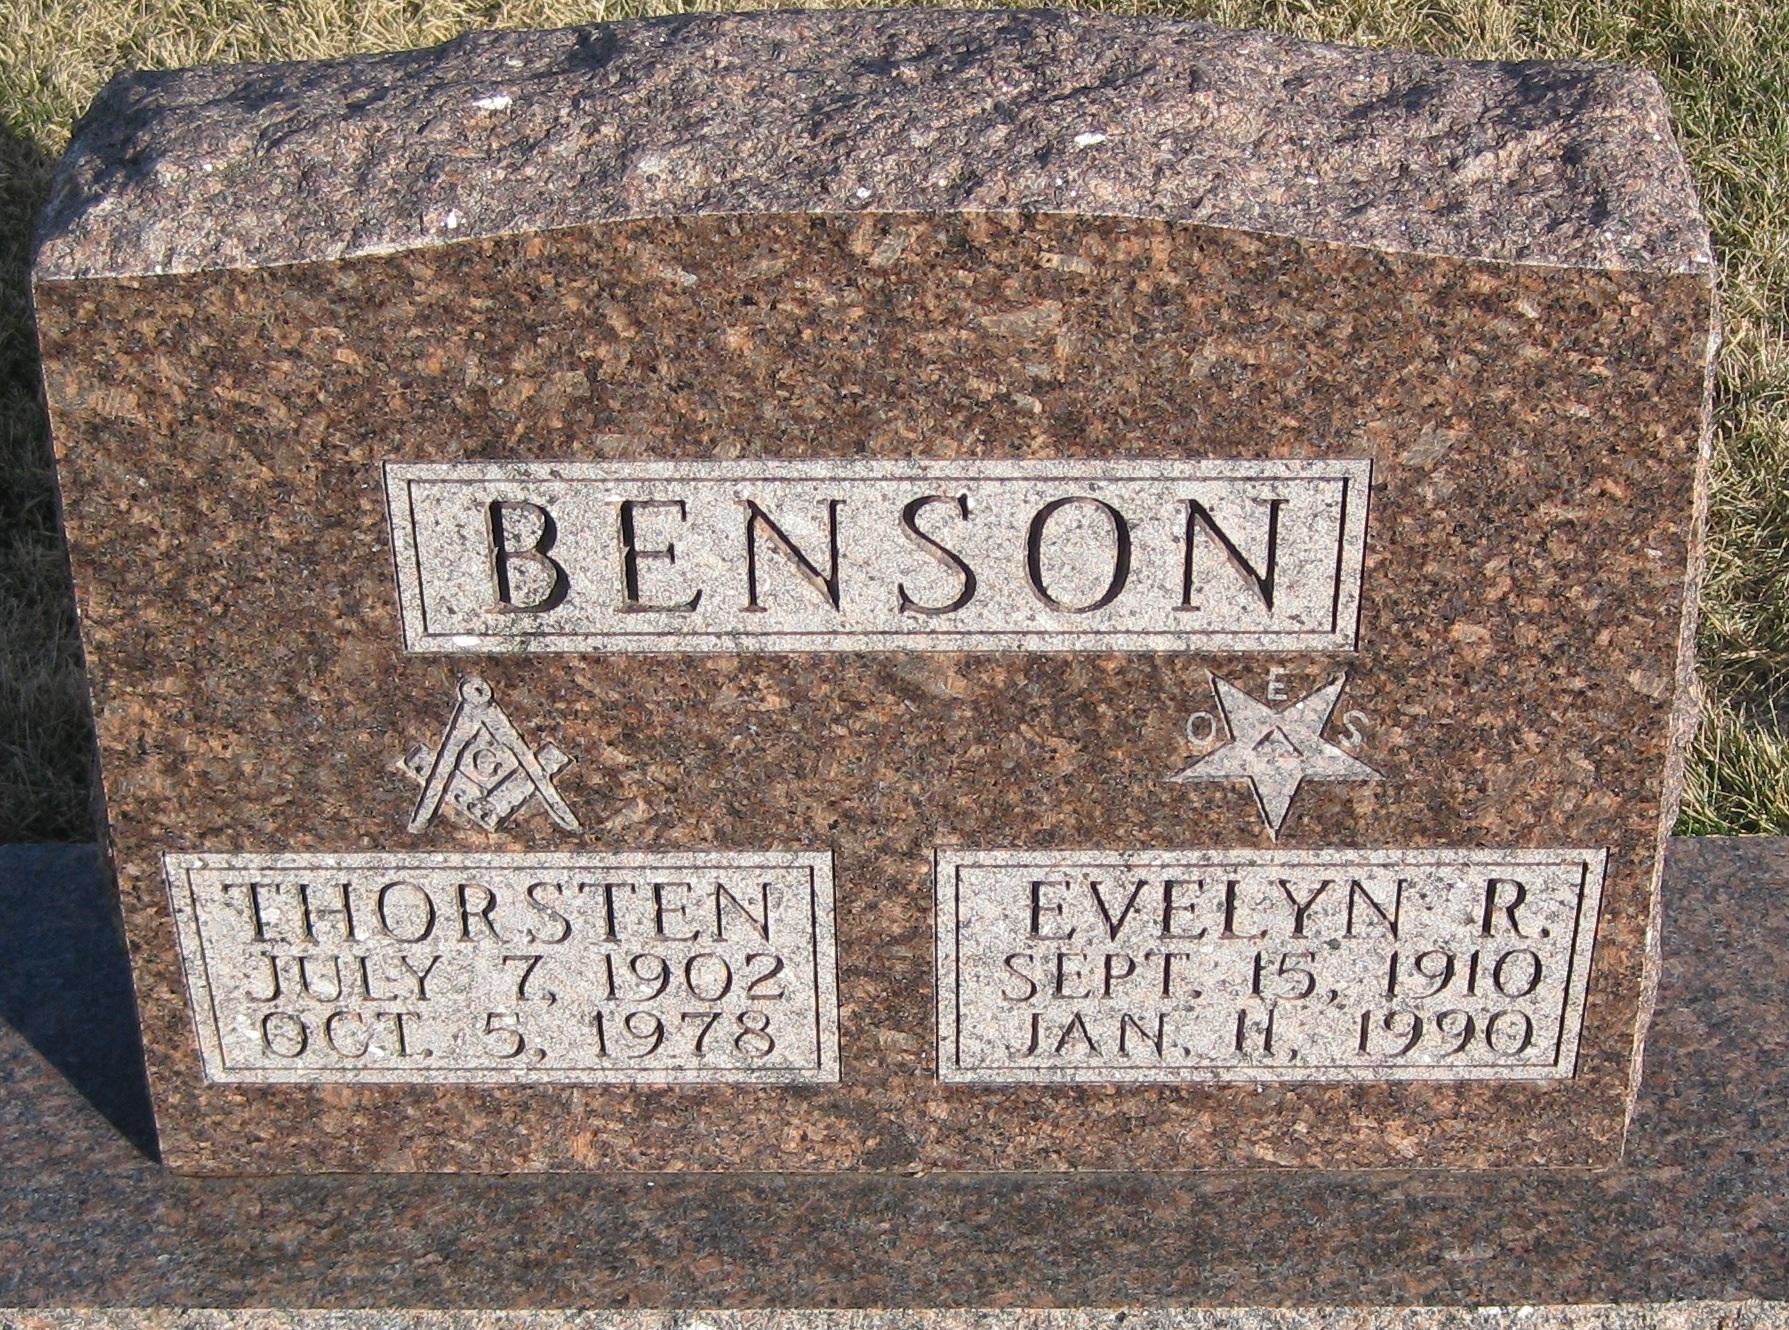 Thorston Benson